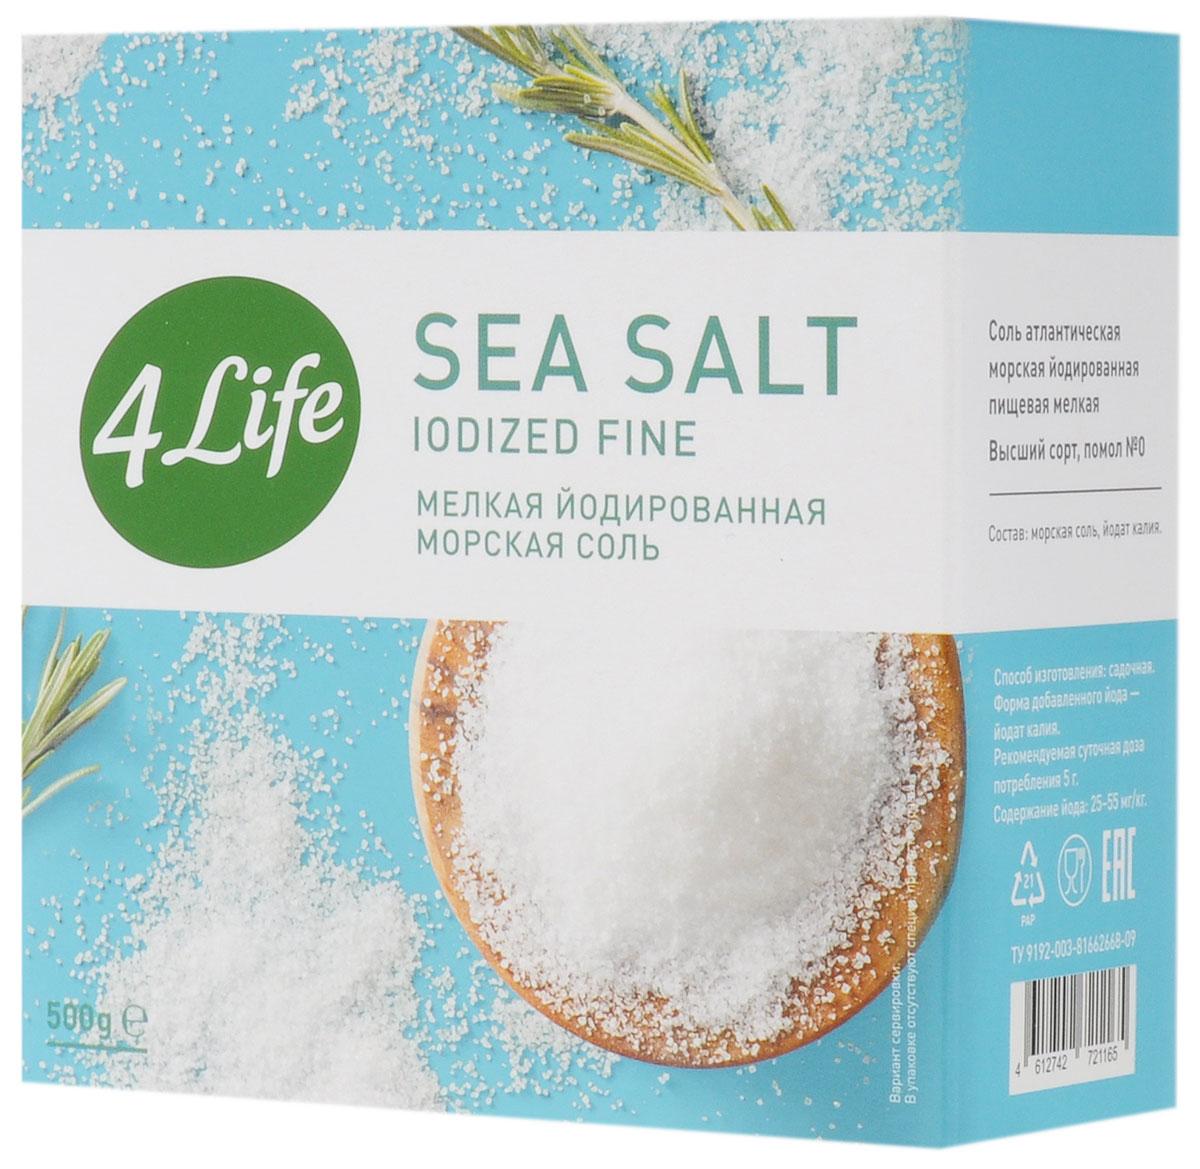 4Life соль морская мелкая йодированная в коробке, 500 г